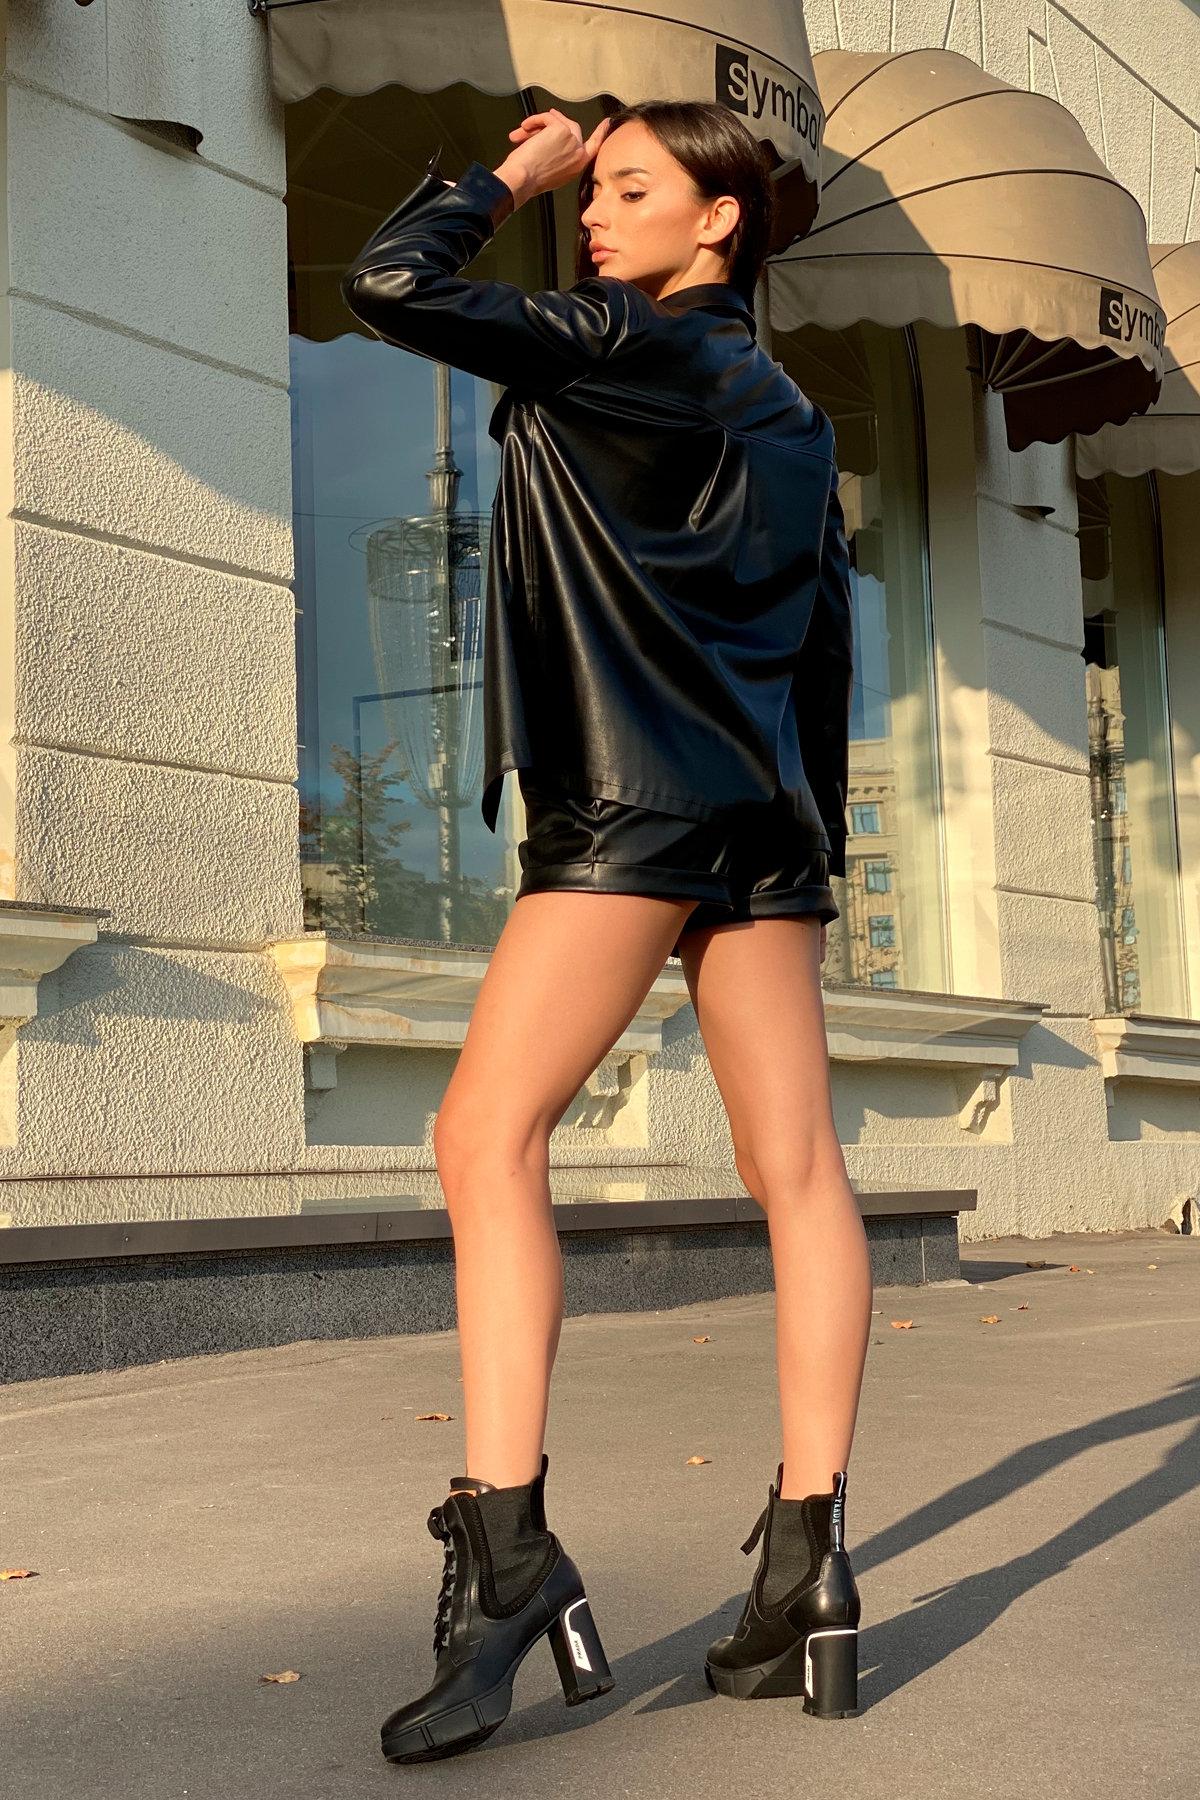 Рубашка Телави 9731 АРТ. 46033 Цвет: Чёрный - фото 8, интернет магазин tm-modus.ru